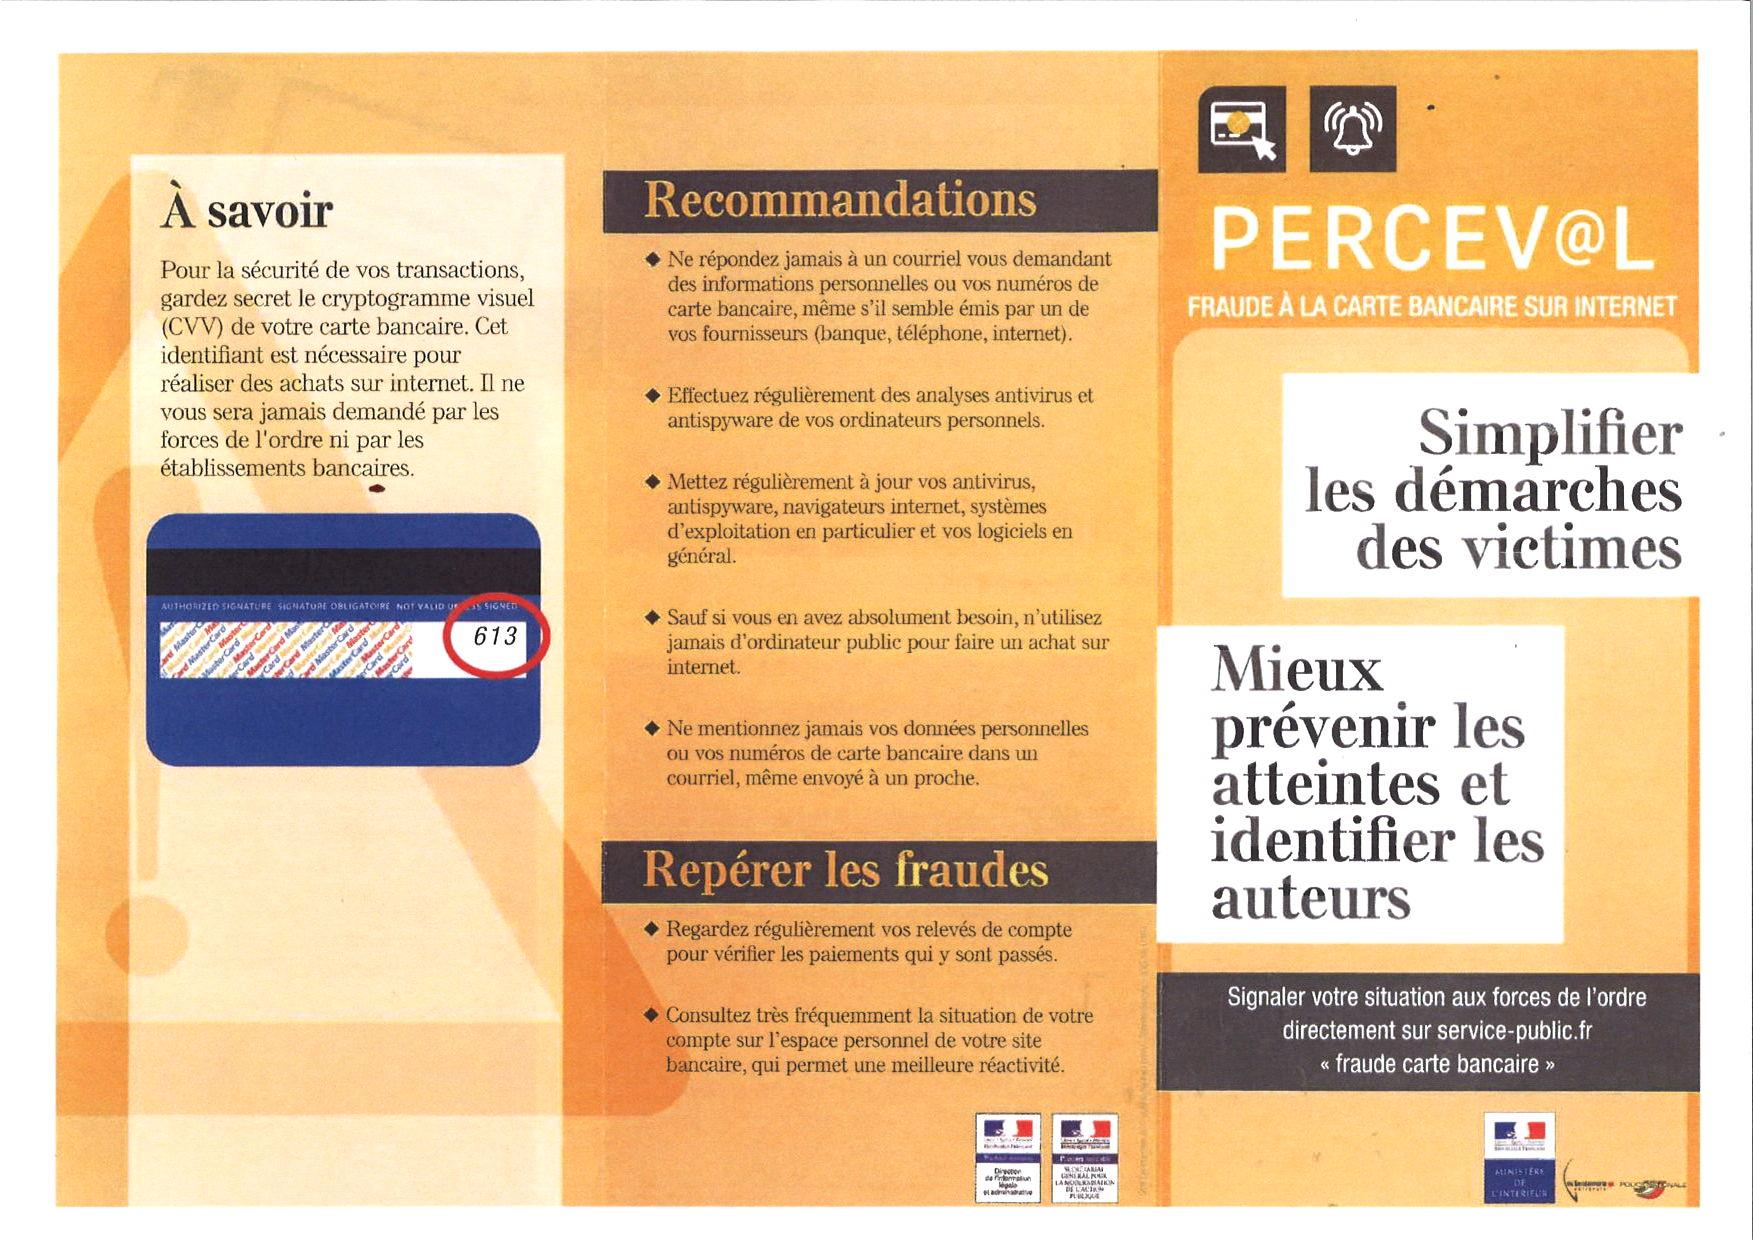 perceval@l fraude carte bancaire Fraude à la carte bancaire : simplifier les démarches des victimes